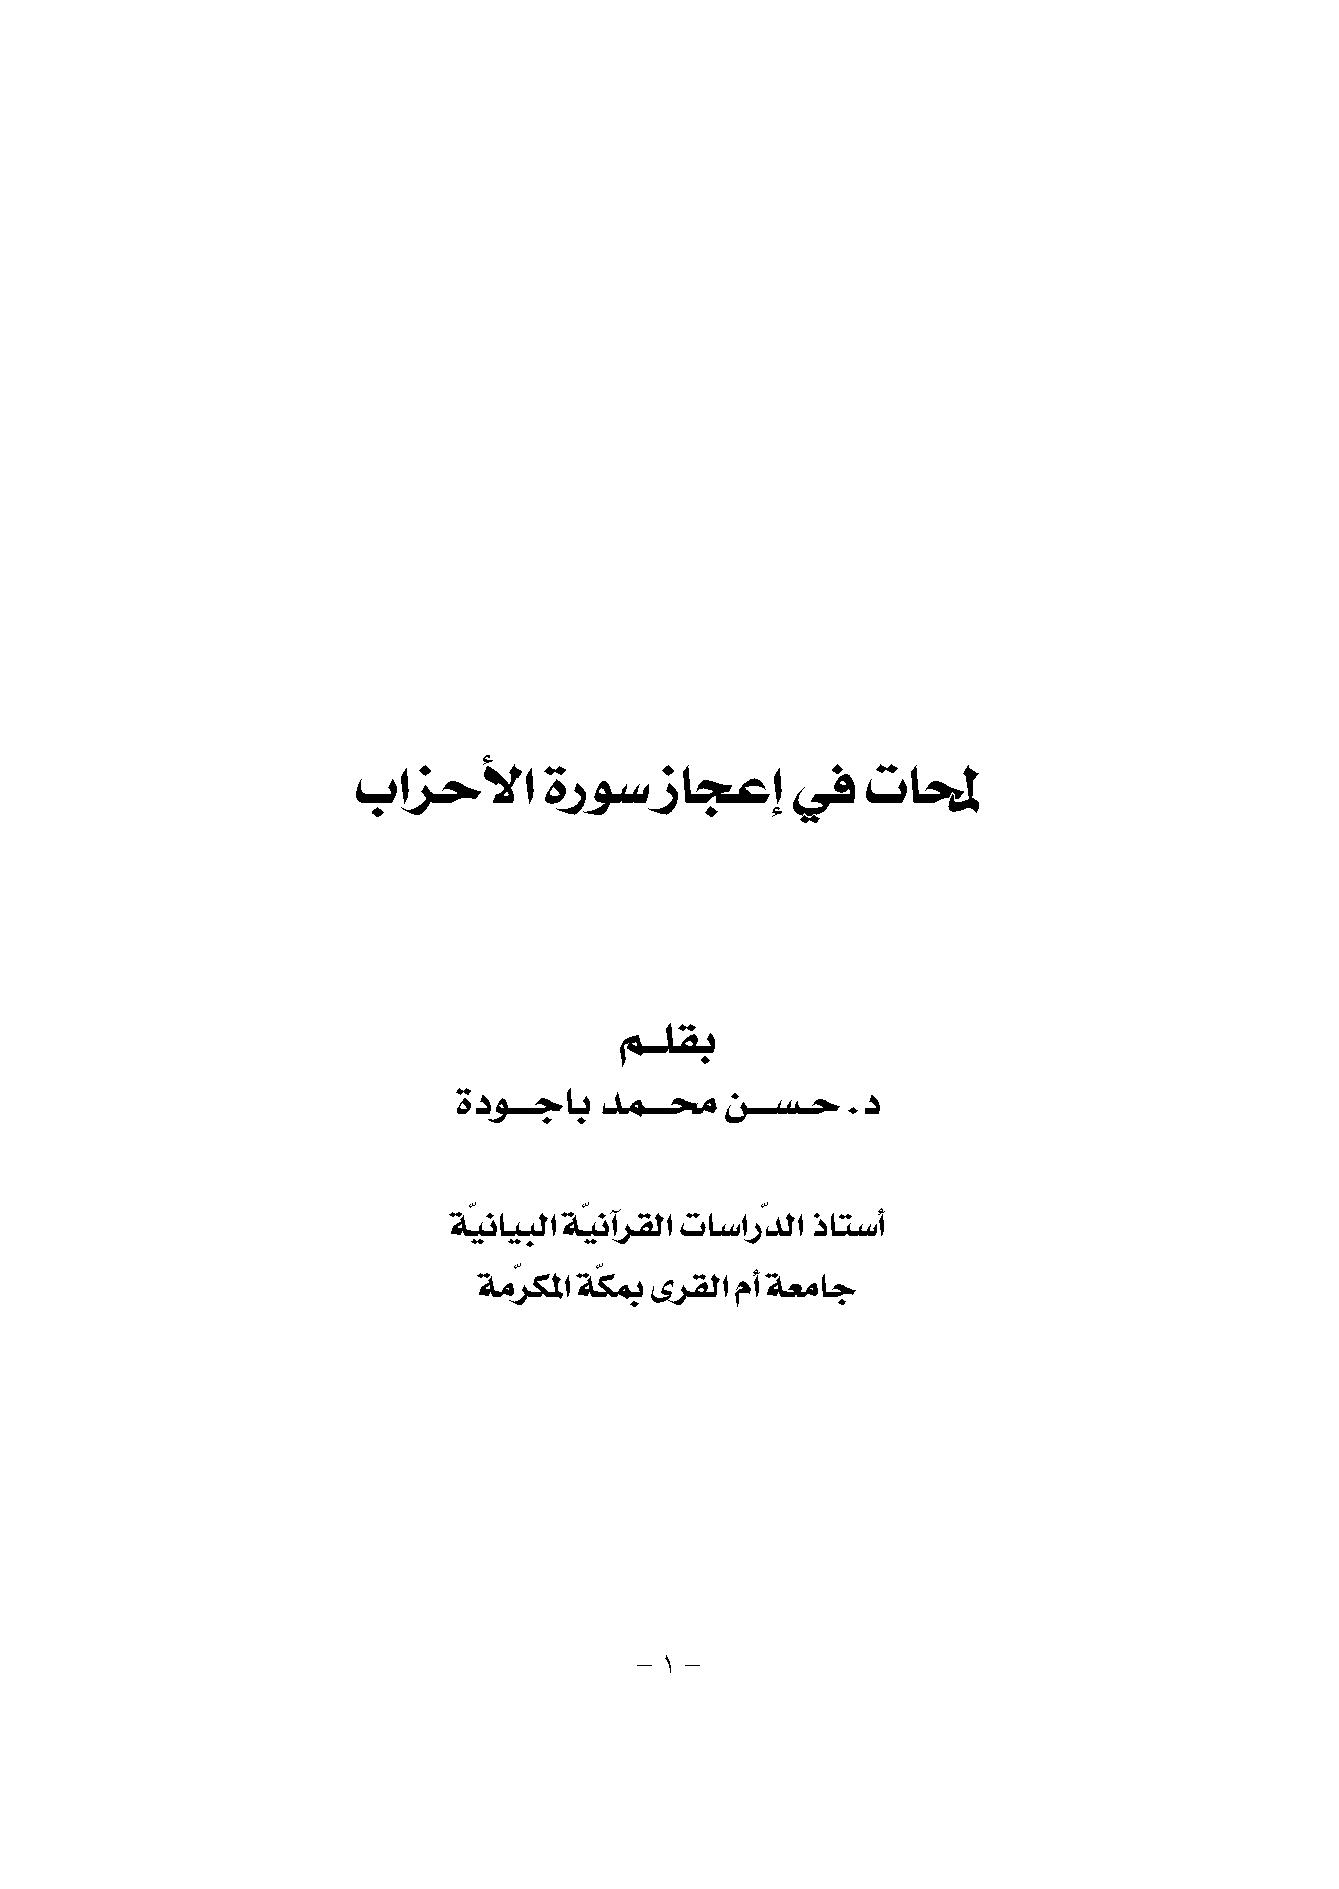 تحميل كتاب لمحات في إعجاز سورة الأحزاب لـِ: الدكتور حسن محمد أحمد باجودة